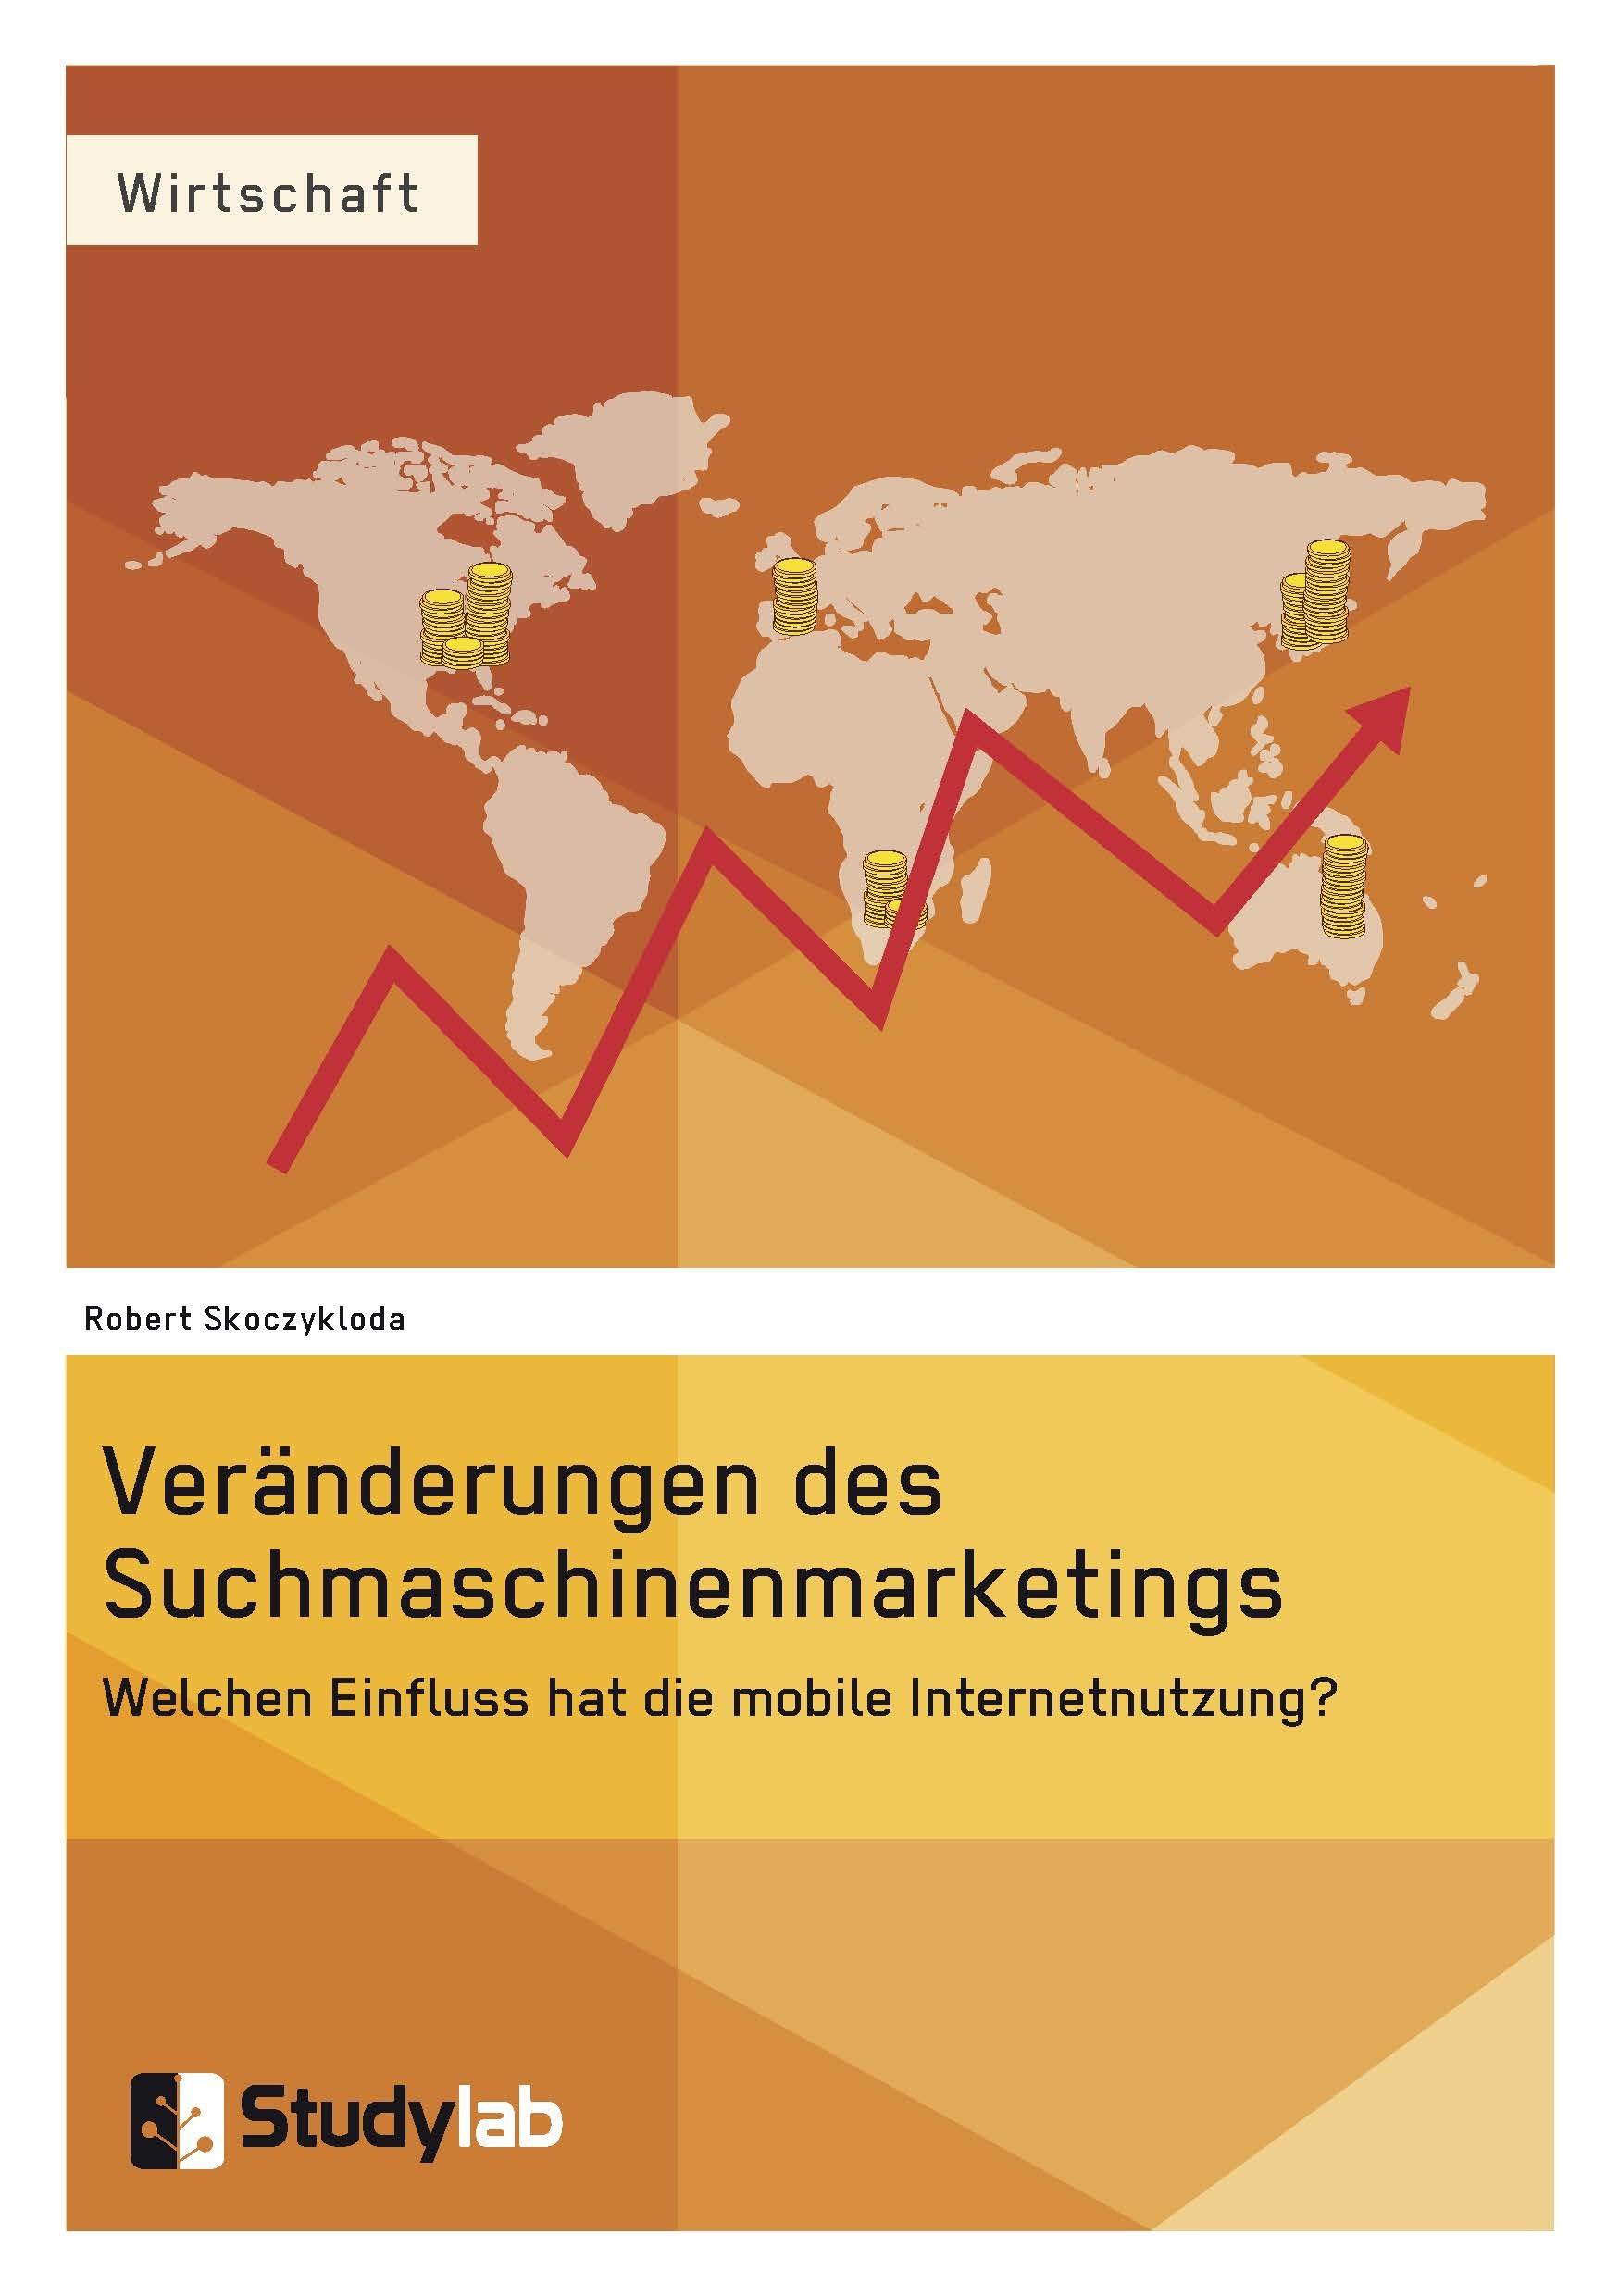 Titel: Veränderungen des Suchmaschinenmarketings im Kontext der mobilen Entwicklung